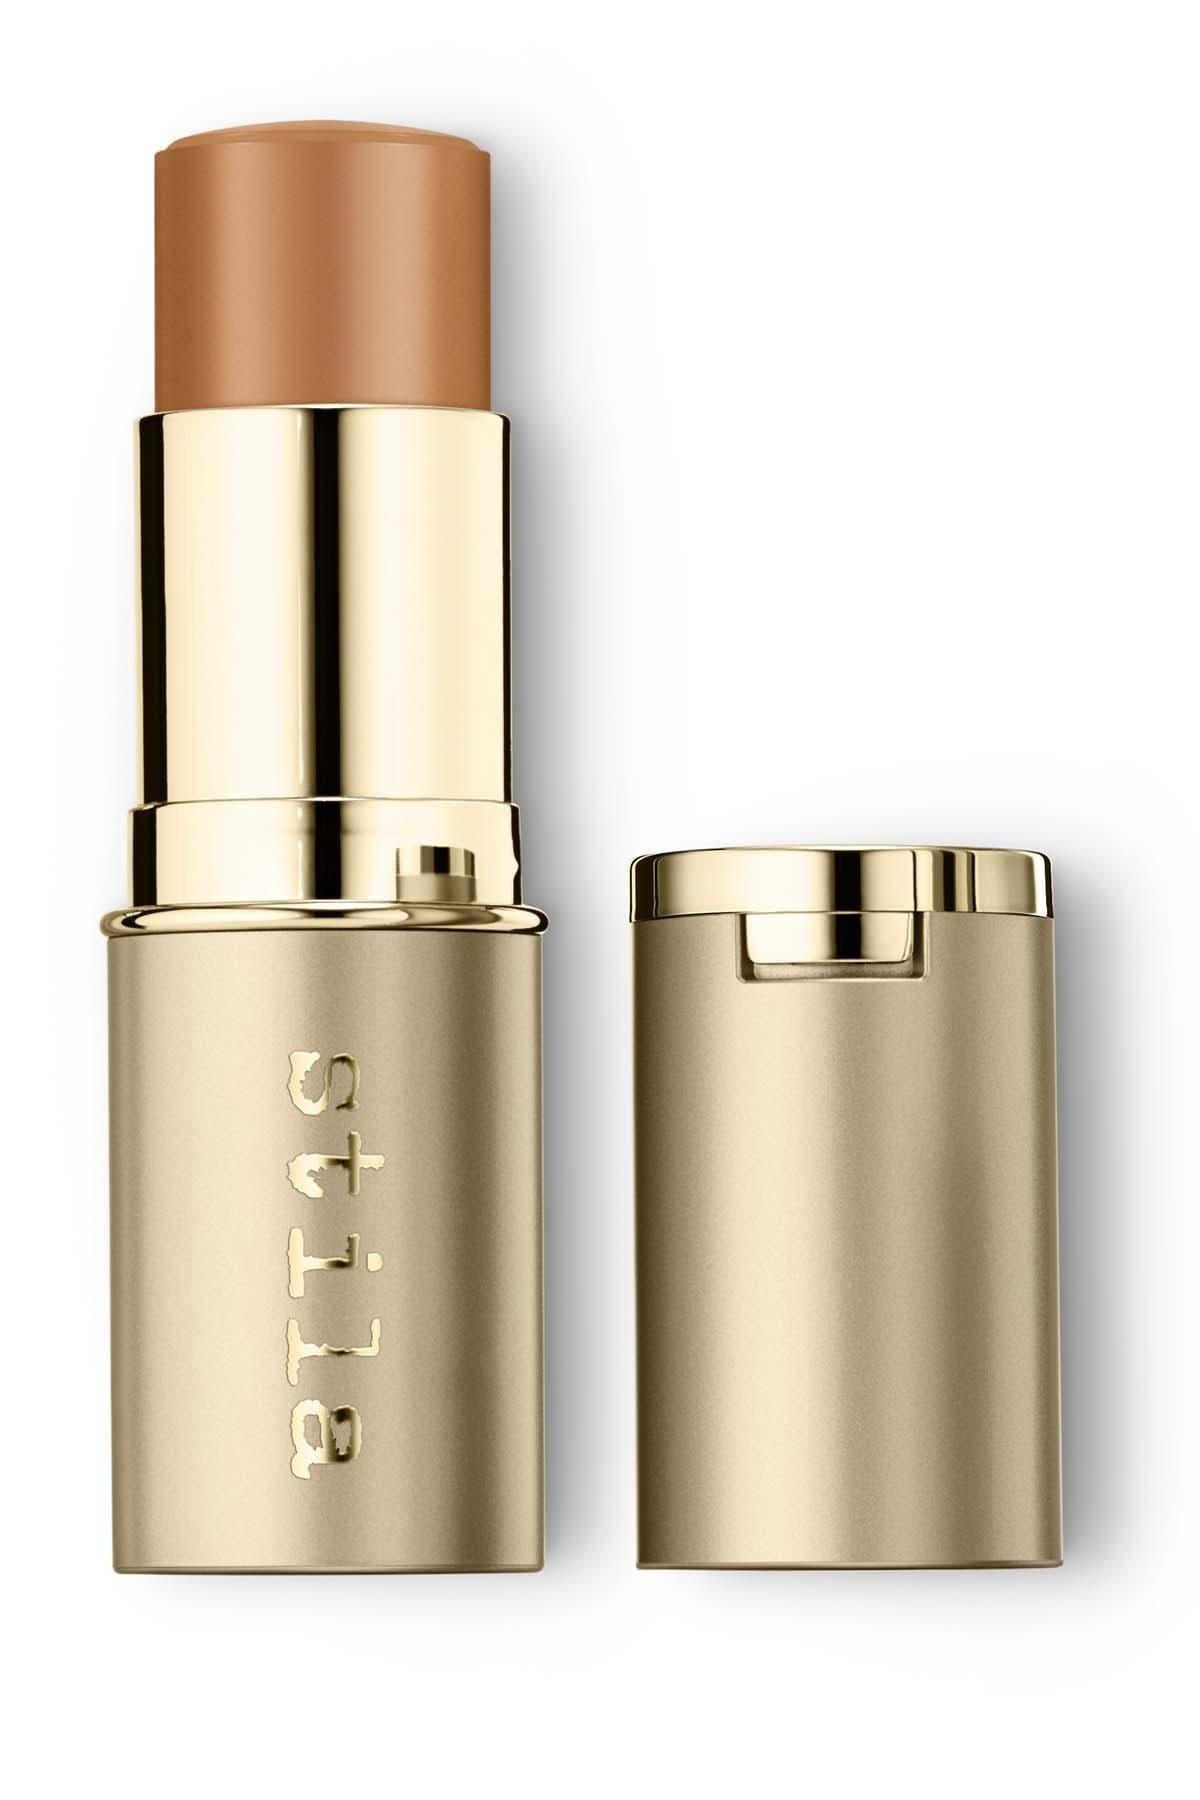 Image of Stila Foundation Stick with Concealer - Golden 10